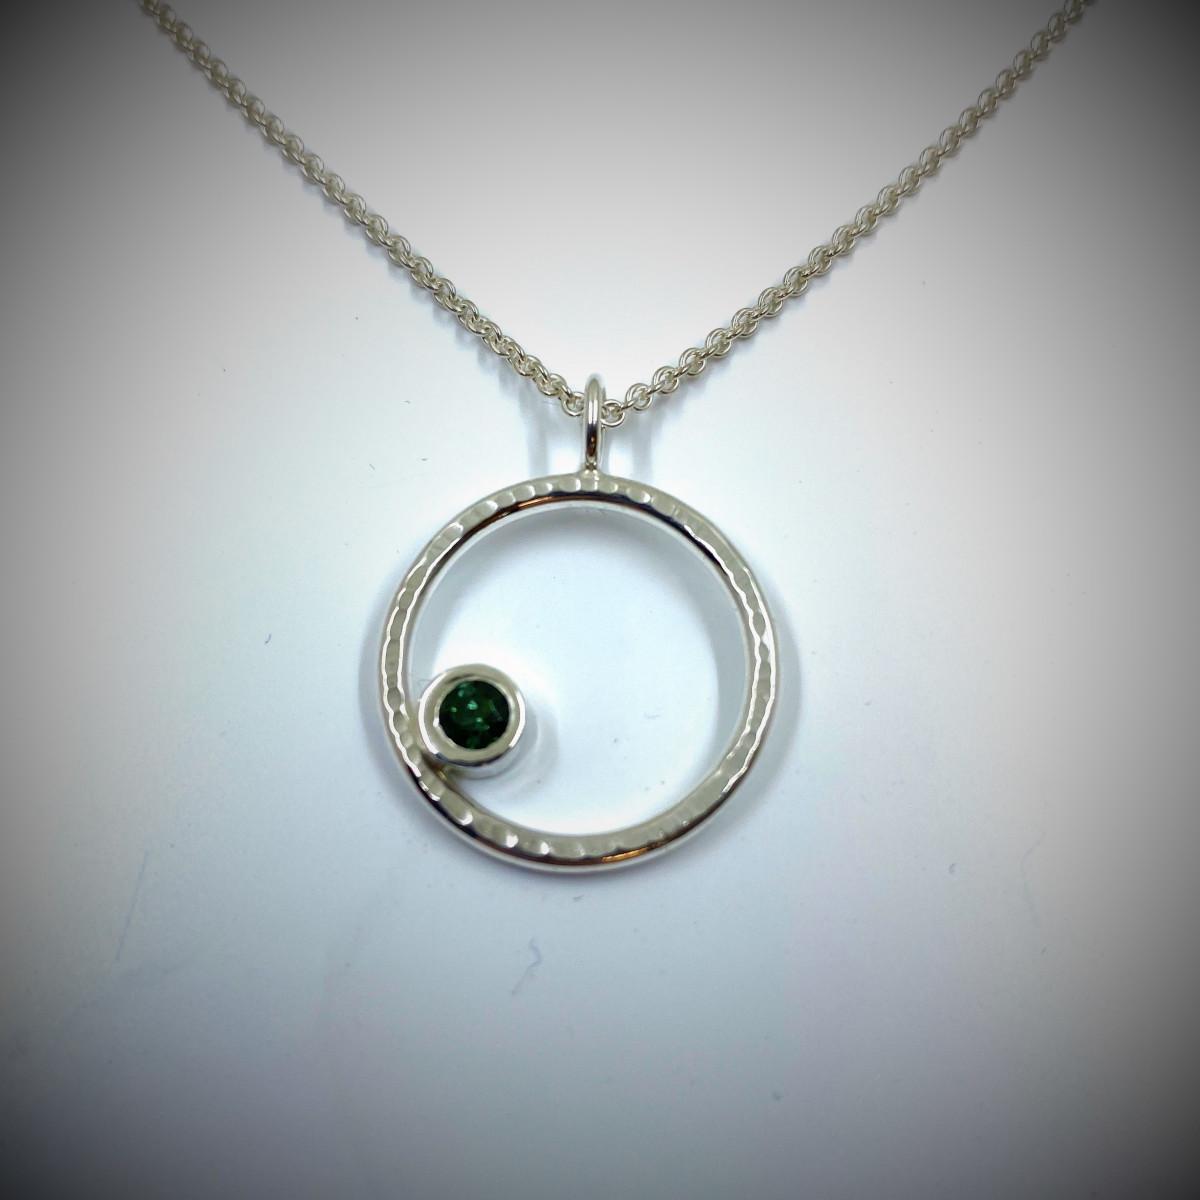 Silverhalsband från skogens guld med grön turmalin